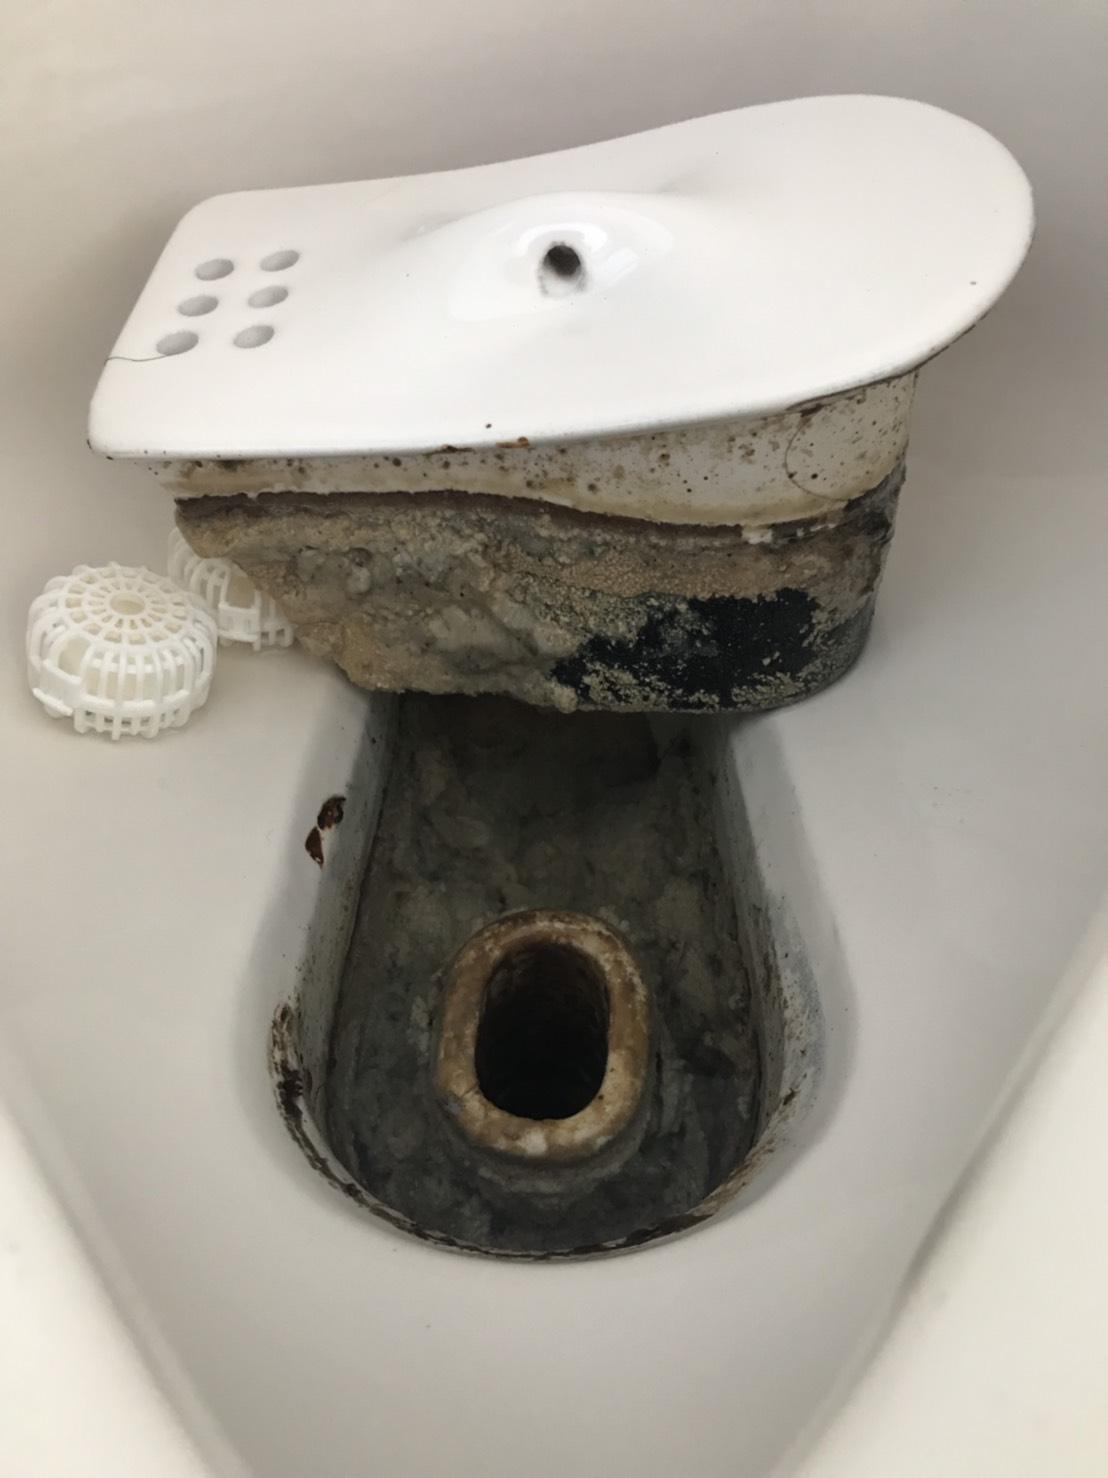 トイレ尿石除去作業 滋賀県蒲生郡 T株式会社様